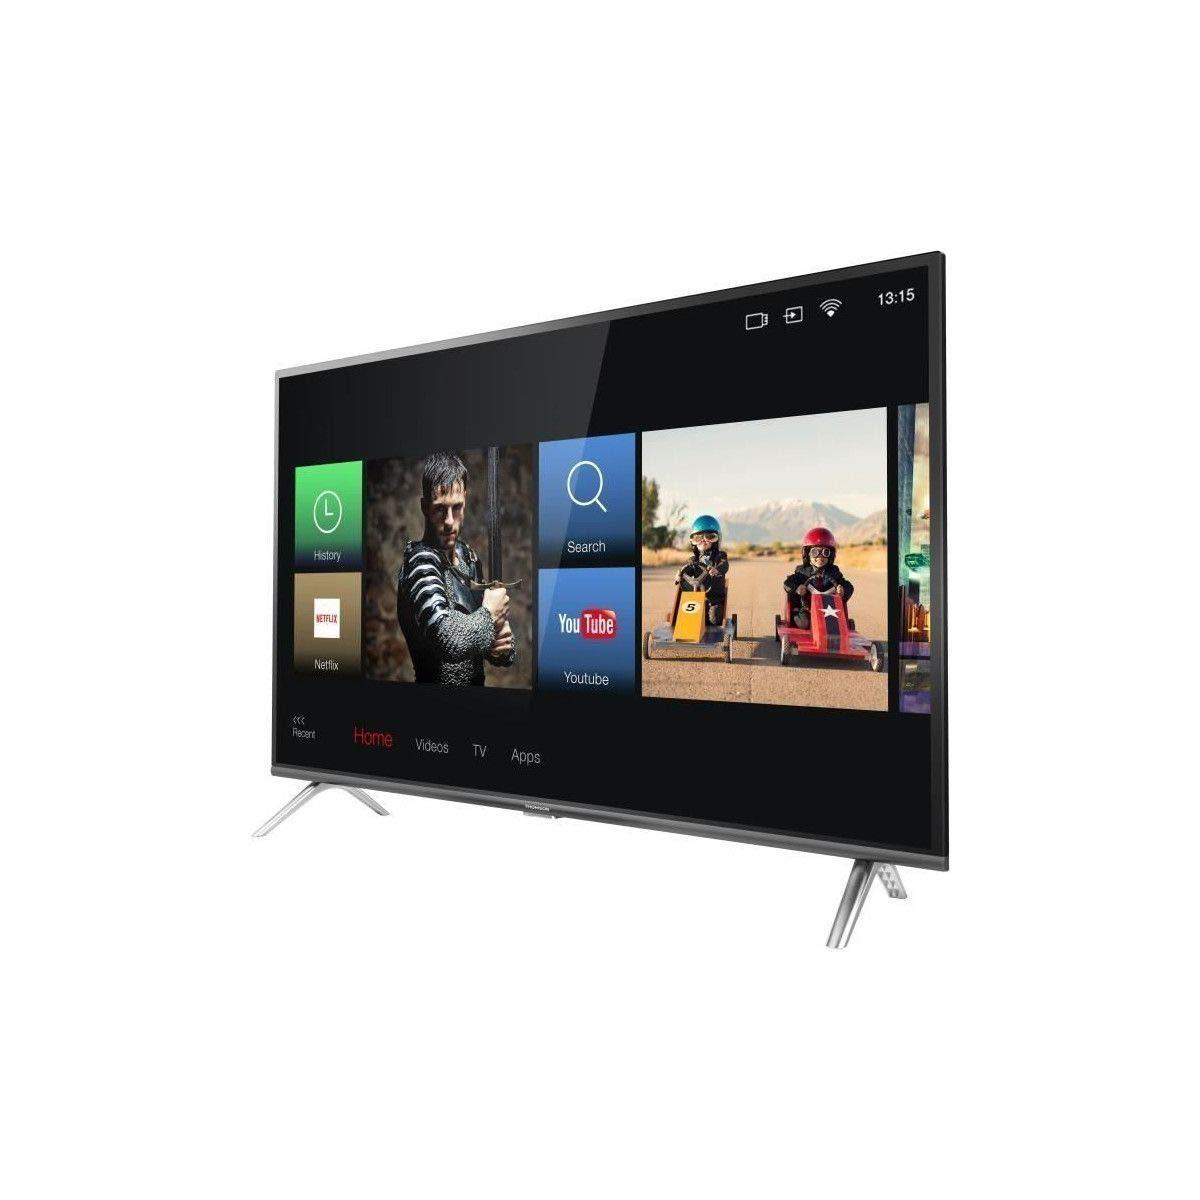 TV LED THOMSON 40FE5606 Full HD 40 (102 cm): Amazon.es: Electrónica